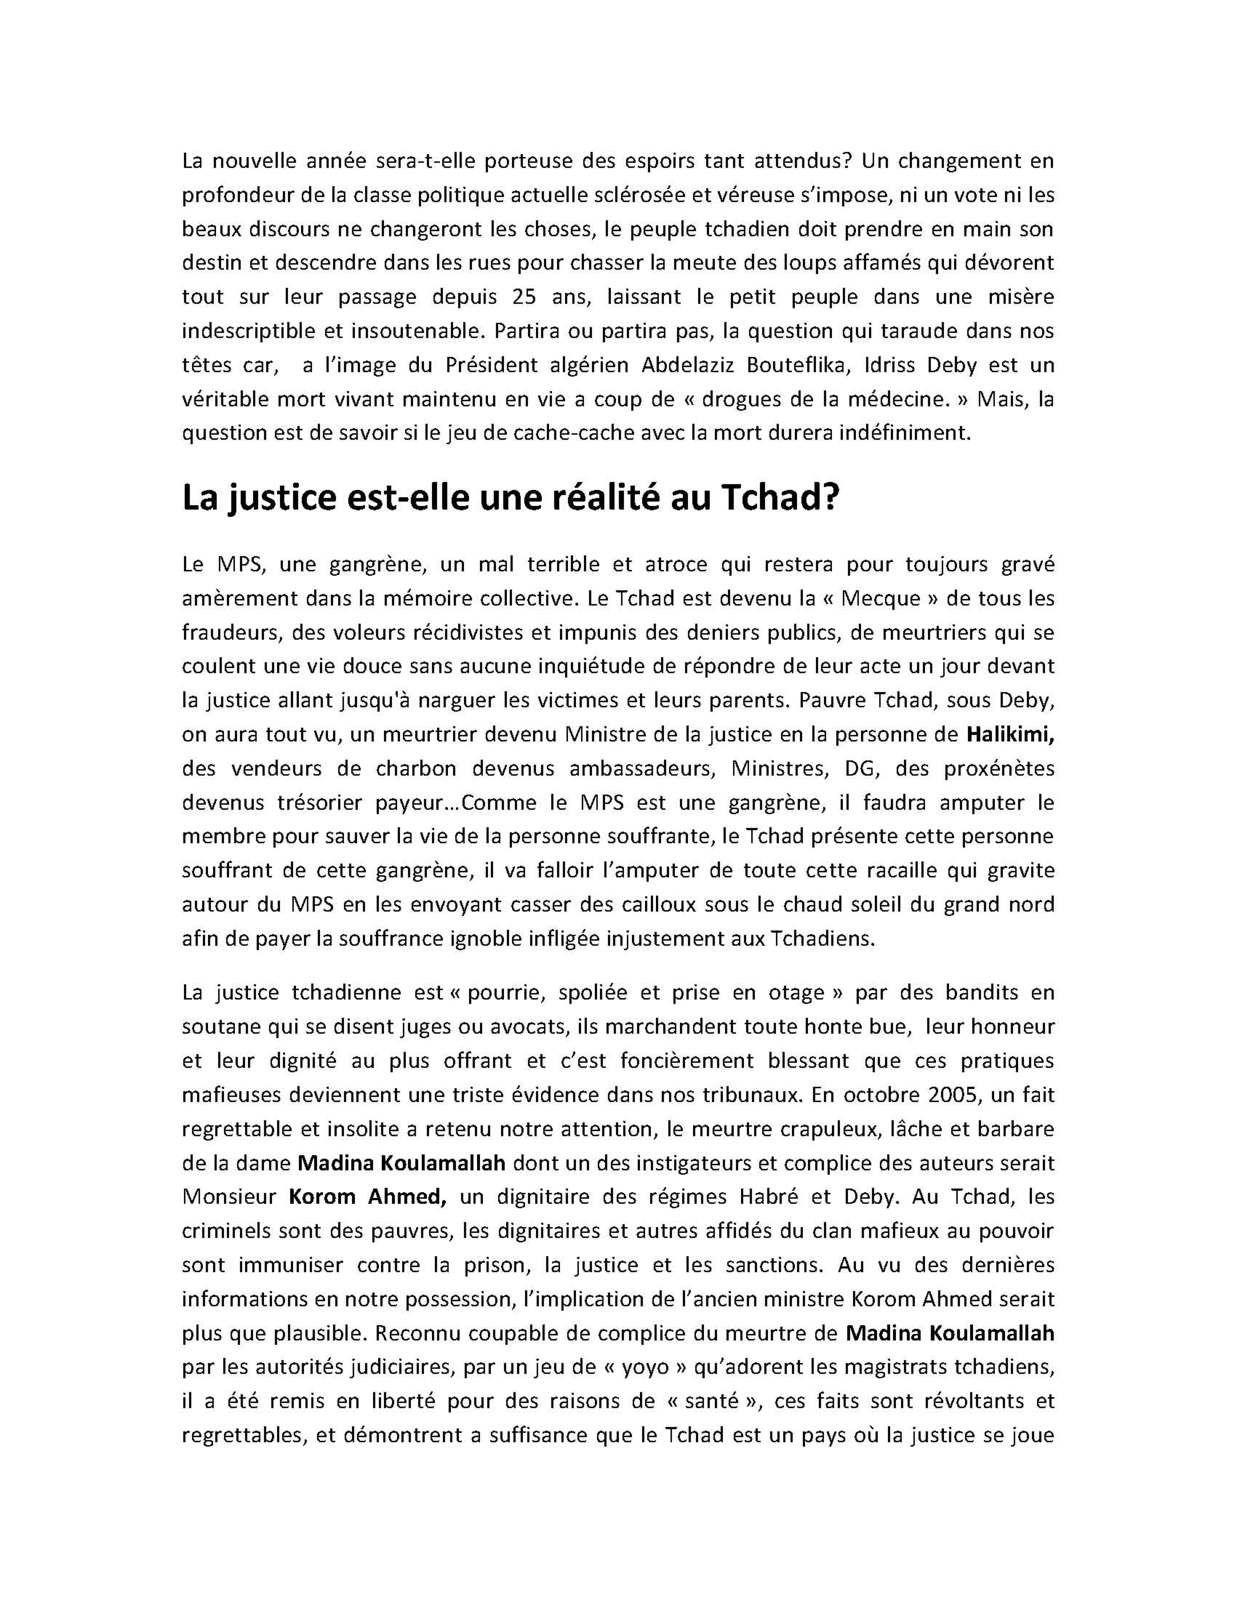 Le communiqué du MCCT sur la situation générale du Tchad